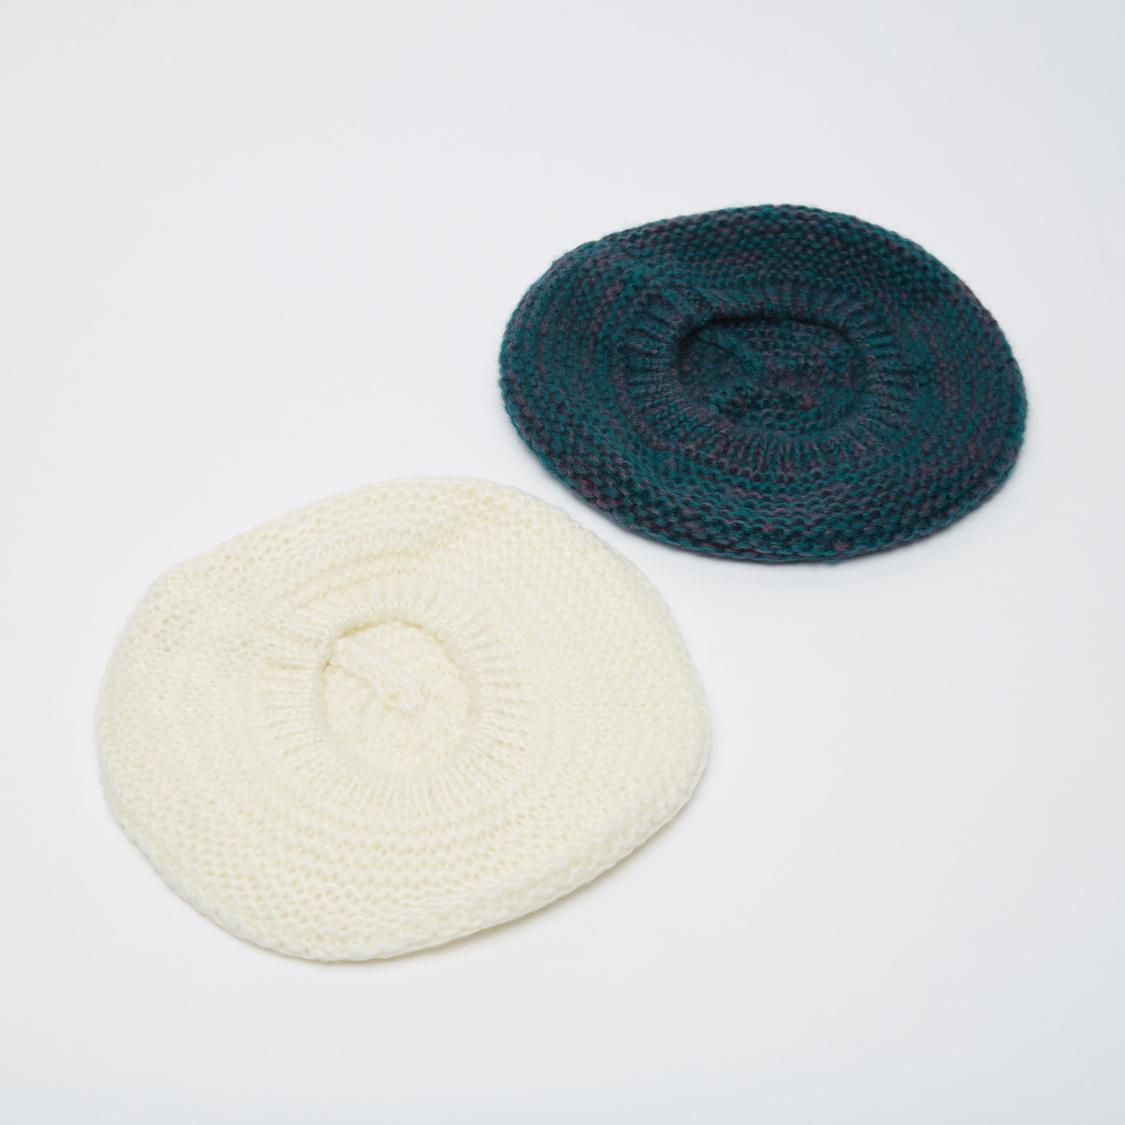 Set of 2 - Textured Woolen Beret